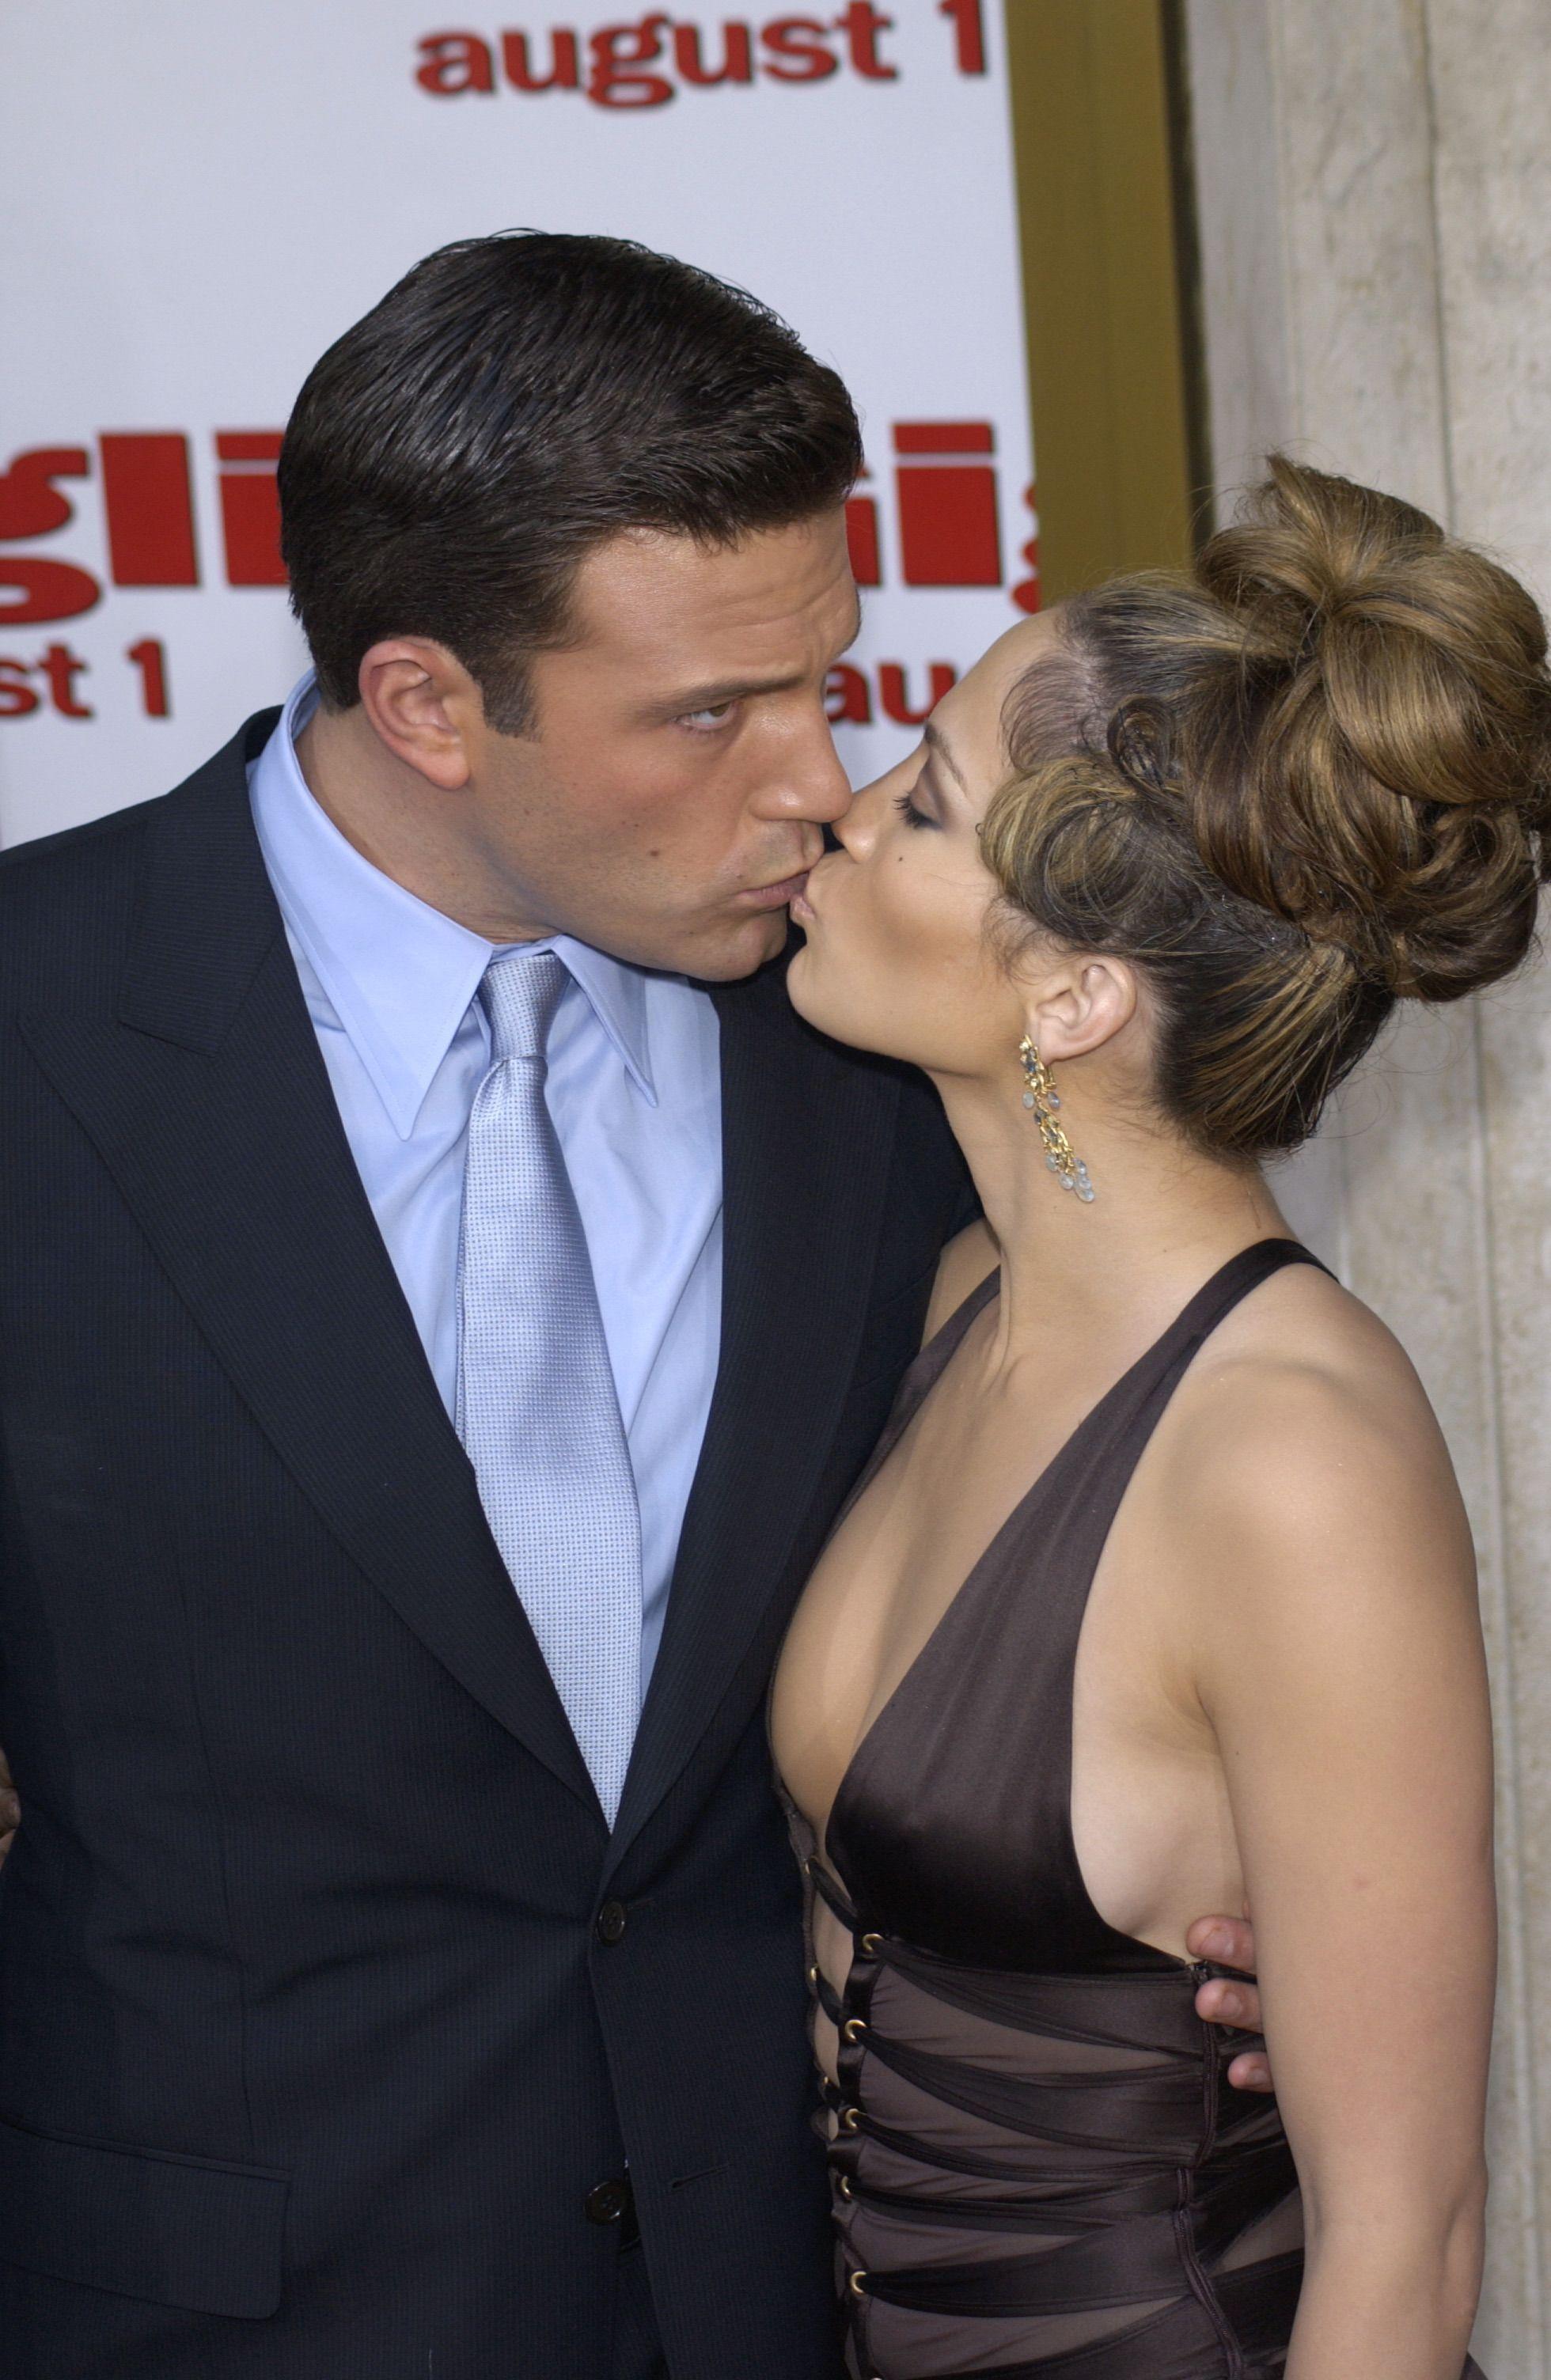 Ben Affleck kisses Jennifer Lopez with his eyes open.